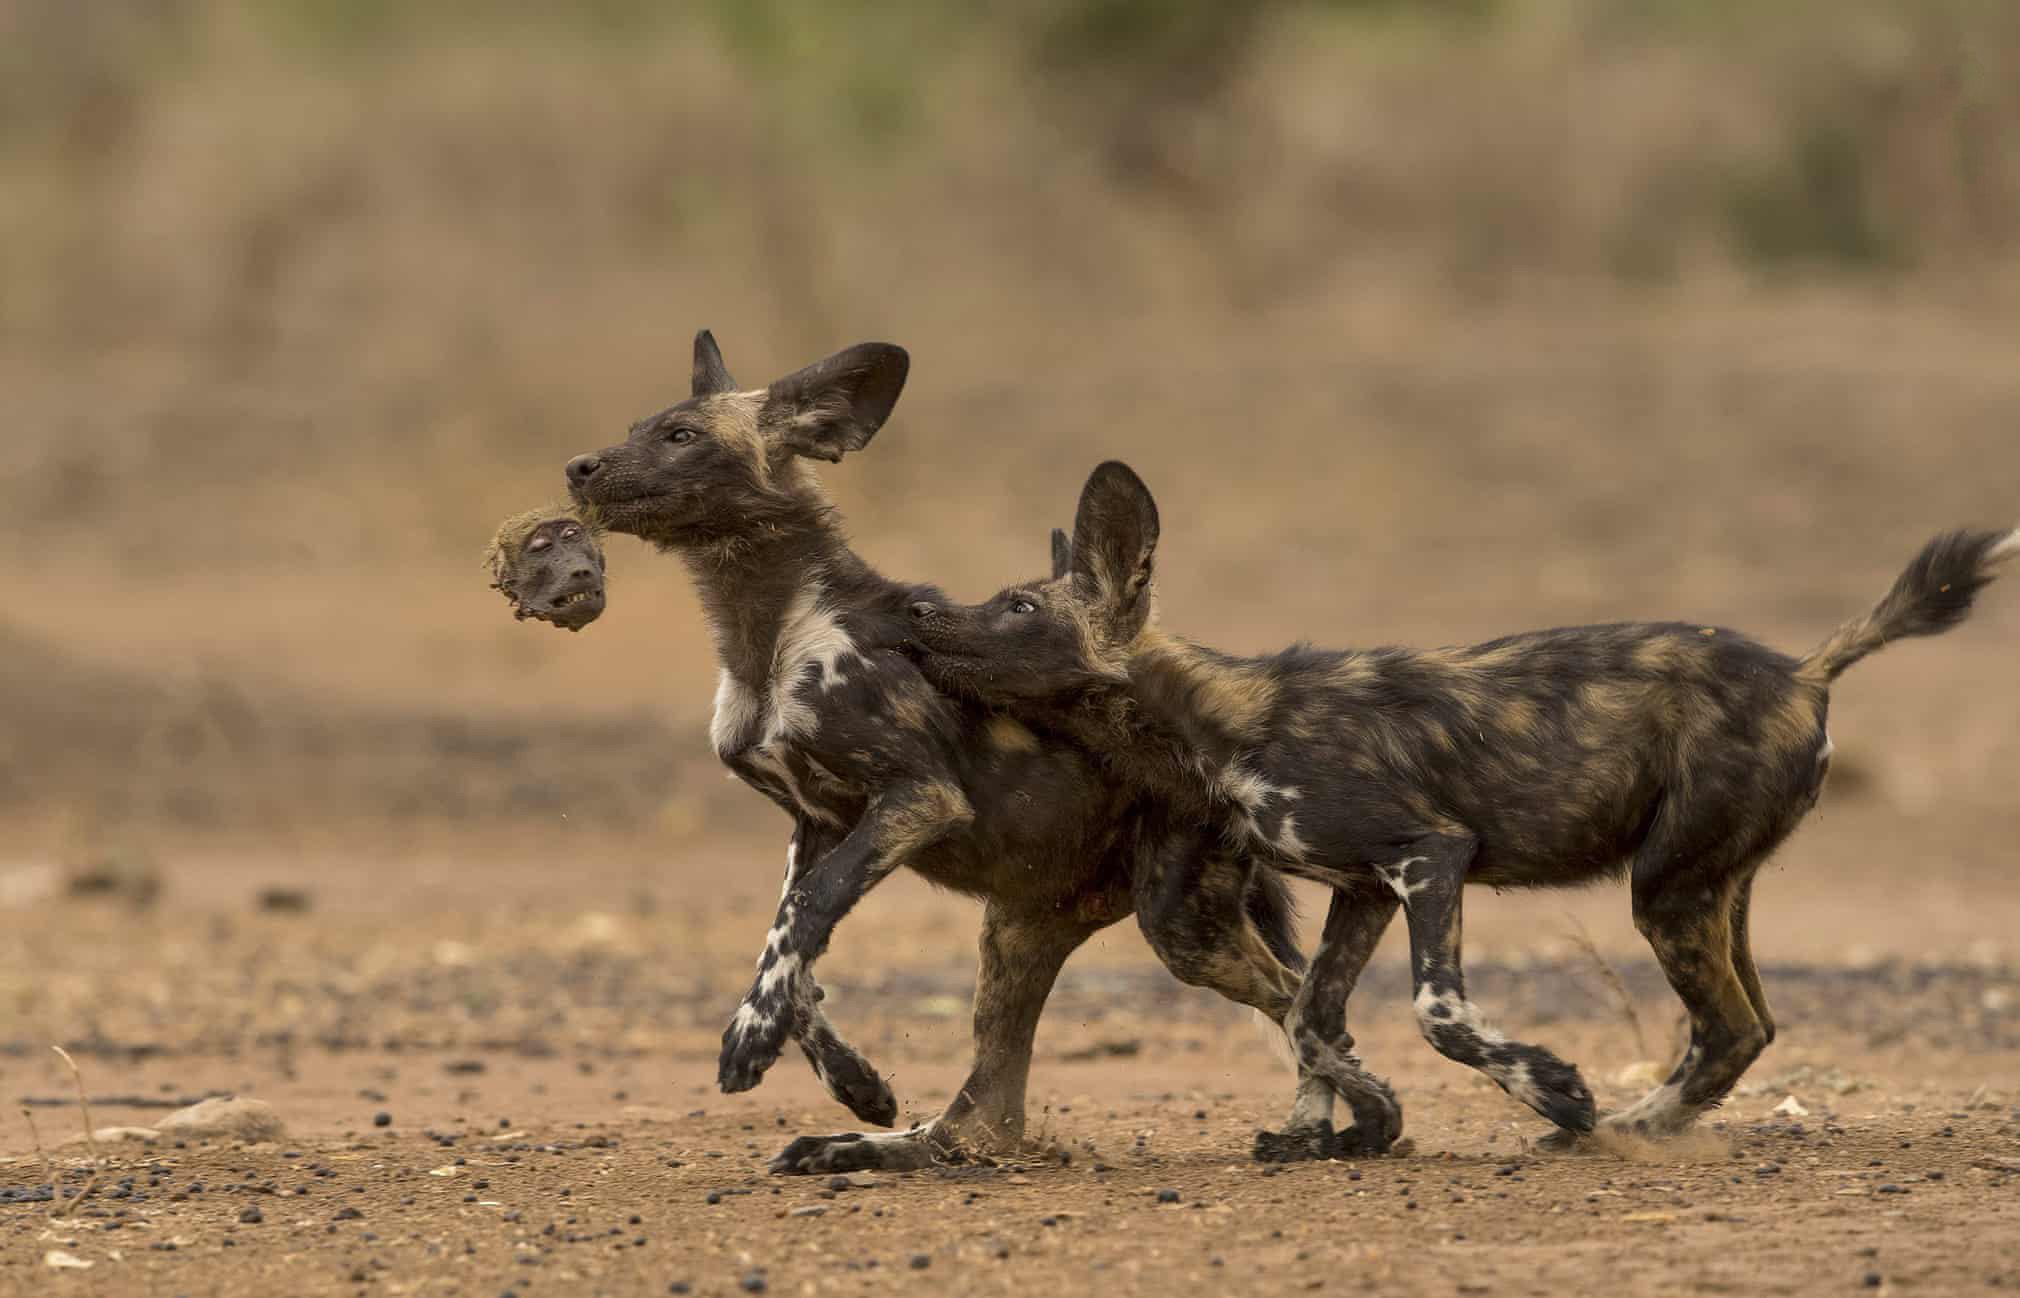 Гиеновидные собаки резвятся сголовой медвежьего павиана, которого они съели назавтрак.